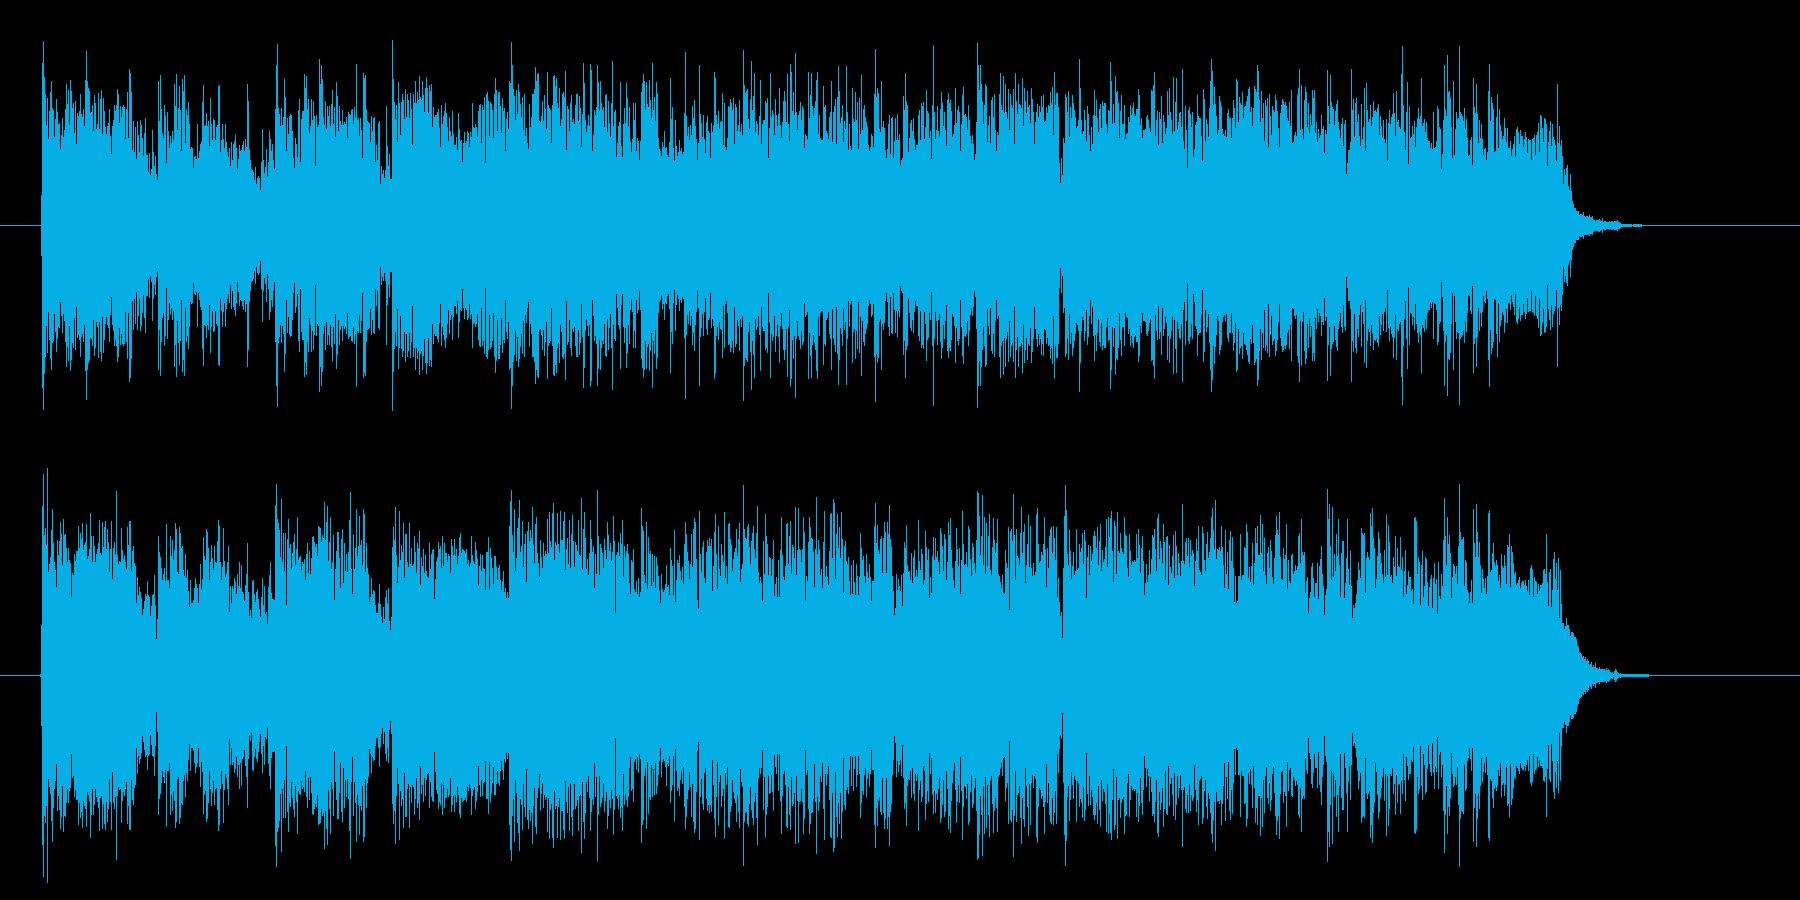 疾走感と激しいシンセギターサウンドの再生済みの波形